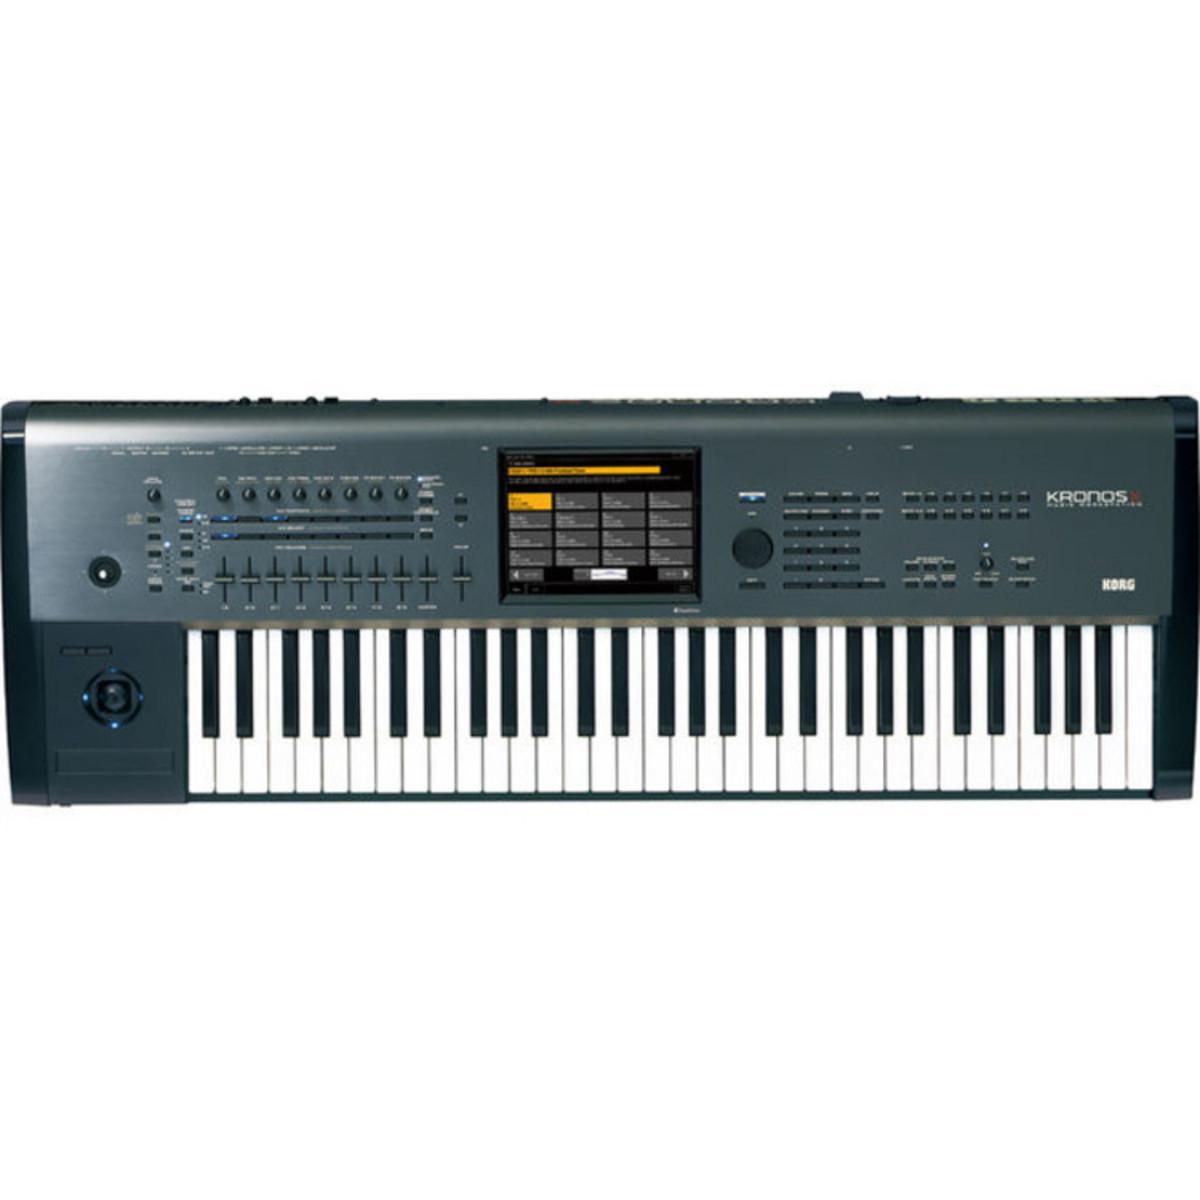 korg kronos x 61 key music workstation ex demo at. Black Bedroom Furniture Sets. Home Design Ideas